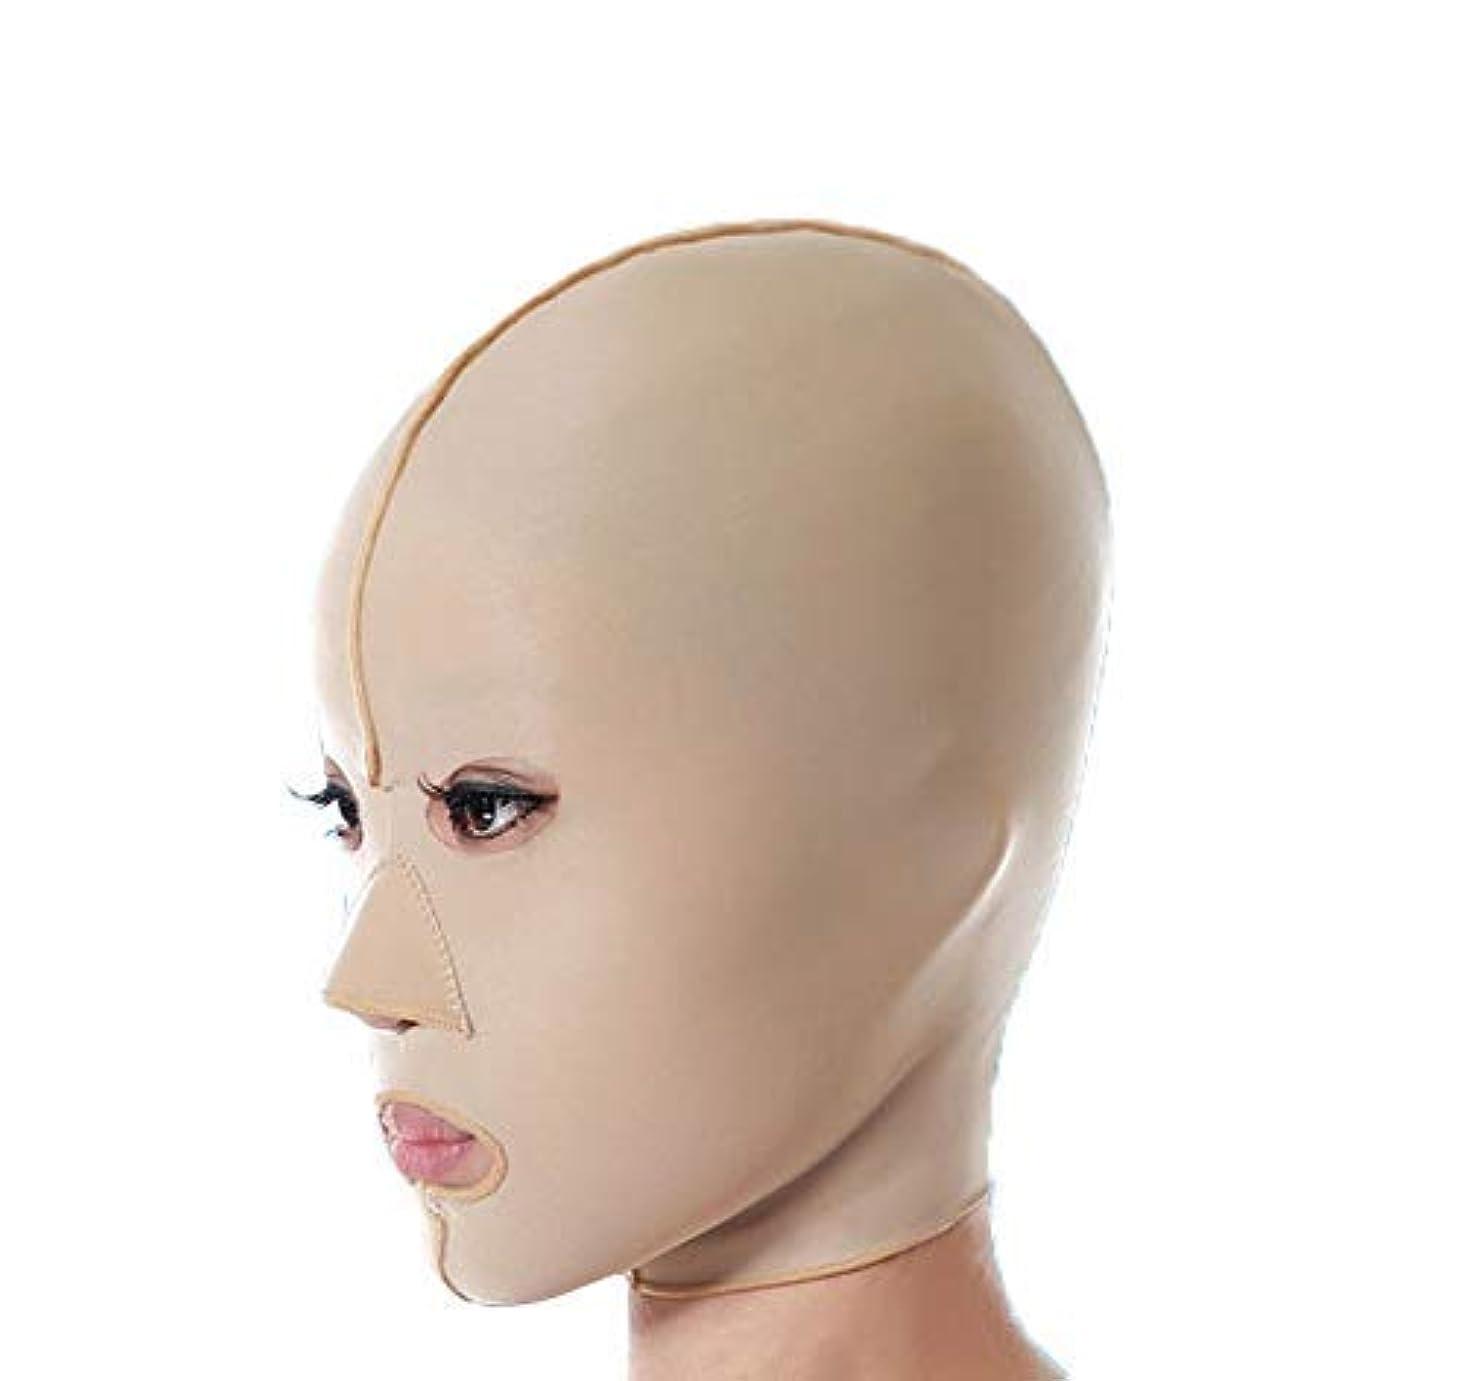 食器棚ブレース仮称ファーミングフェイスマスク、フェイシャルマスク医学強力なフェイスマスクアーティファクト美容垂れ防止法パターンフェイシャルリフティングファーミングフルフェイスマスク(サイズ:M),M